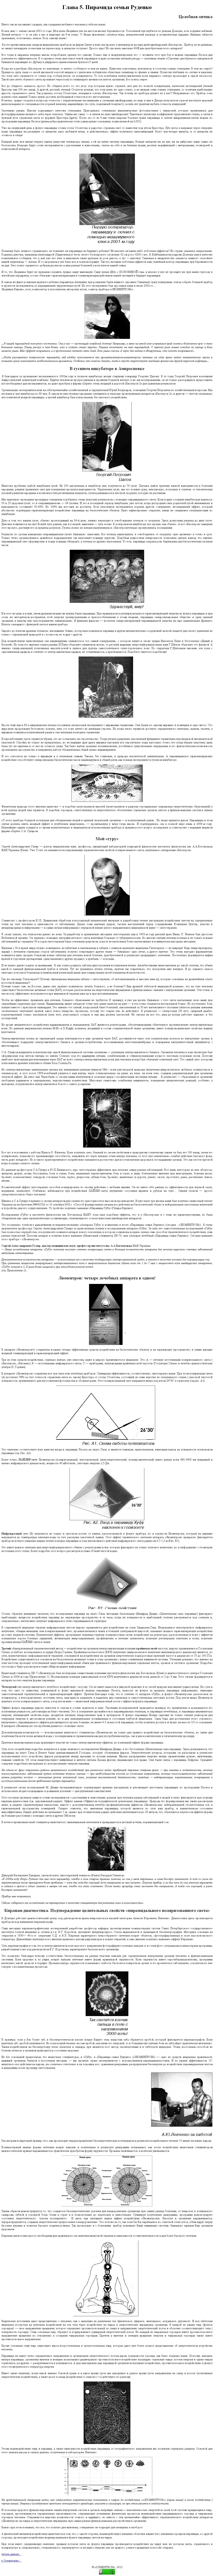 http://i6.imageban.ru/out/2015/02/25/a40db9db9bdab649fdd8a045588ff579.png